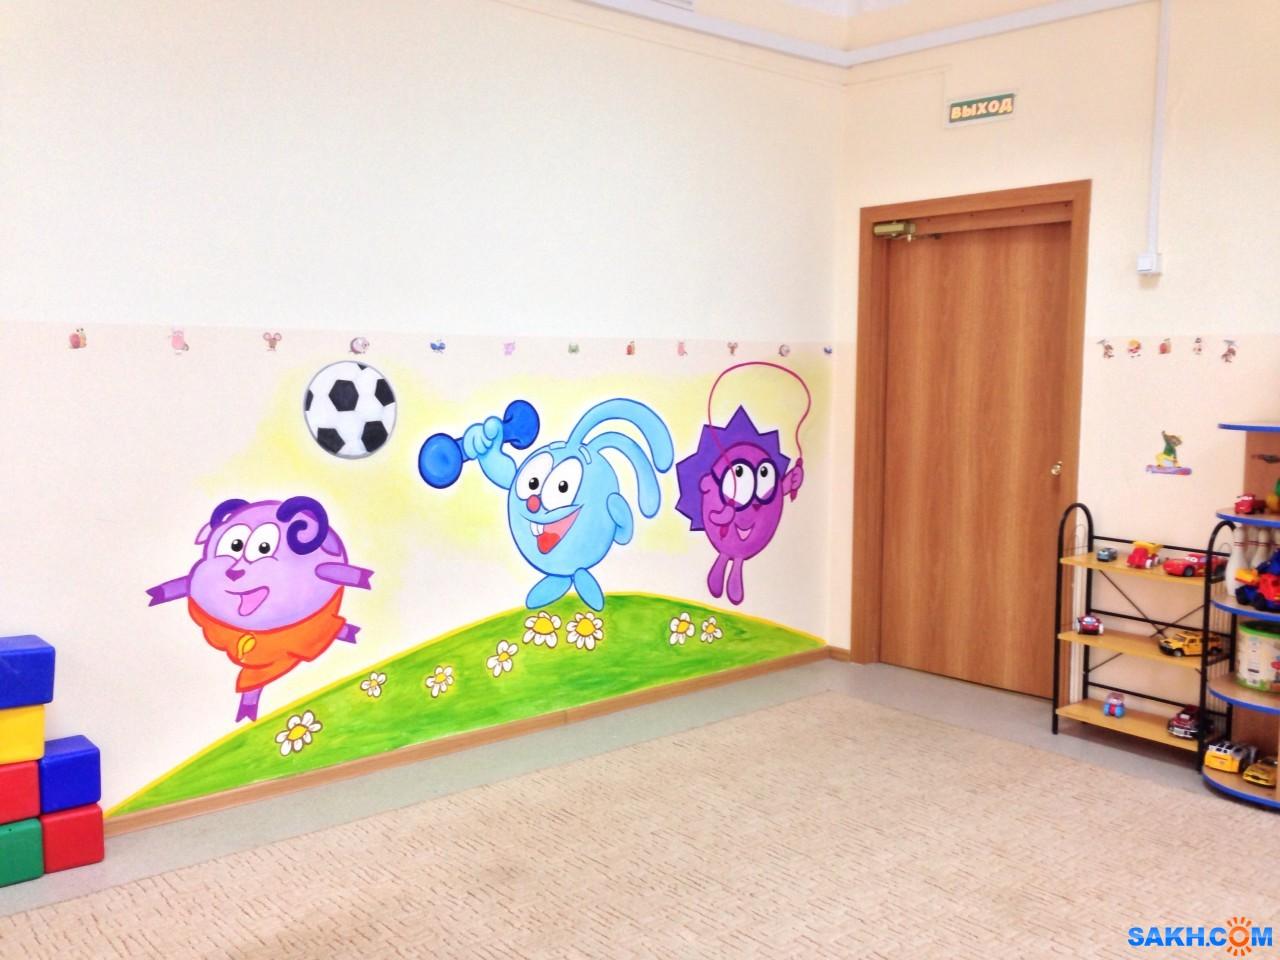 Роспись стен в детском саду своими руками фото картинки